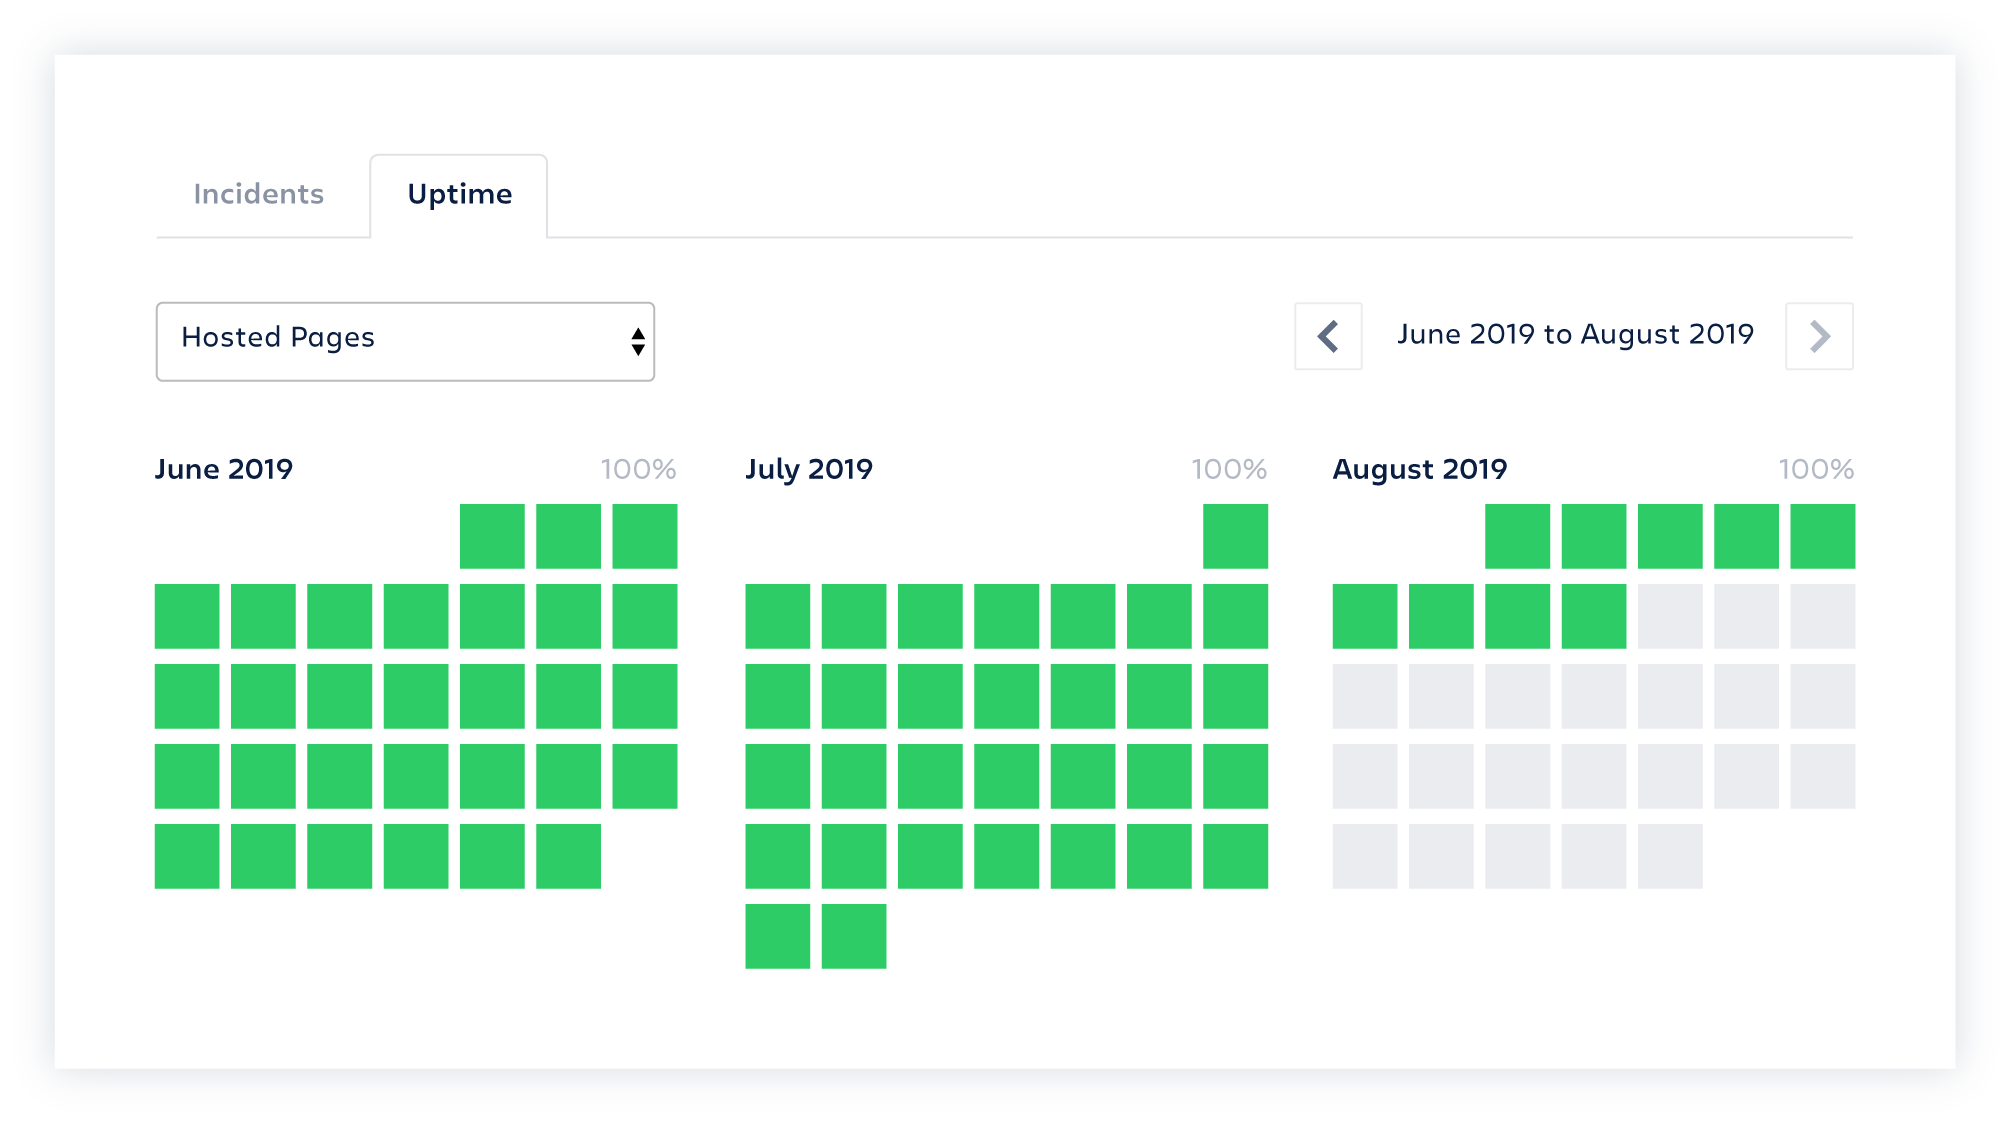 A rendelkezésre állási idő napjainak számát egymás utáni hónapokban zölddel megjelenítő naptár